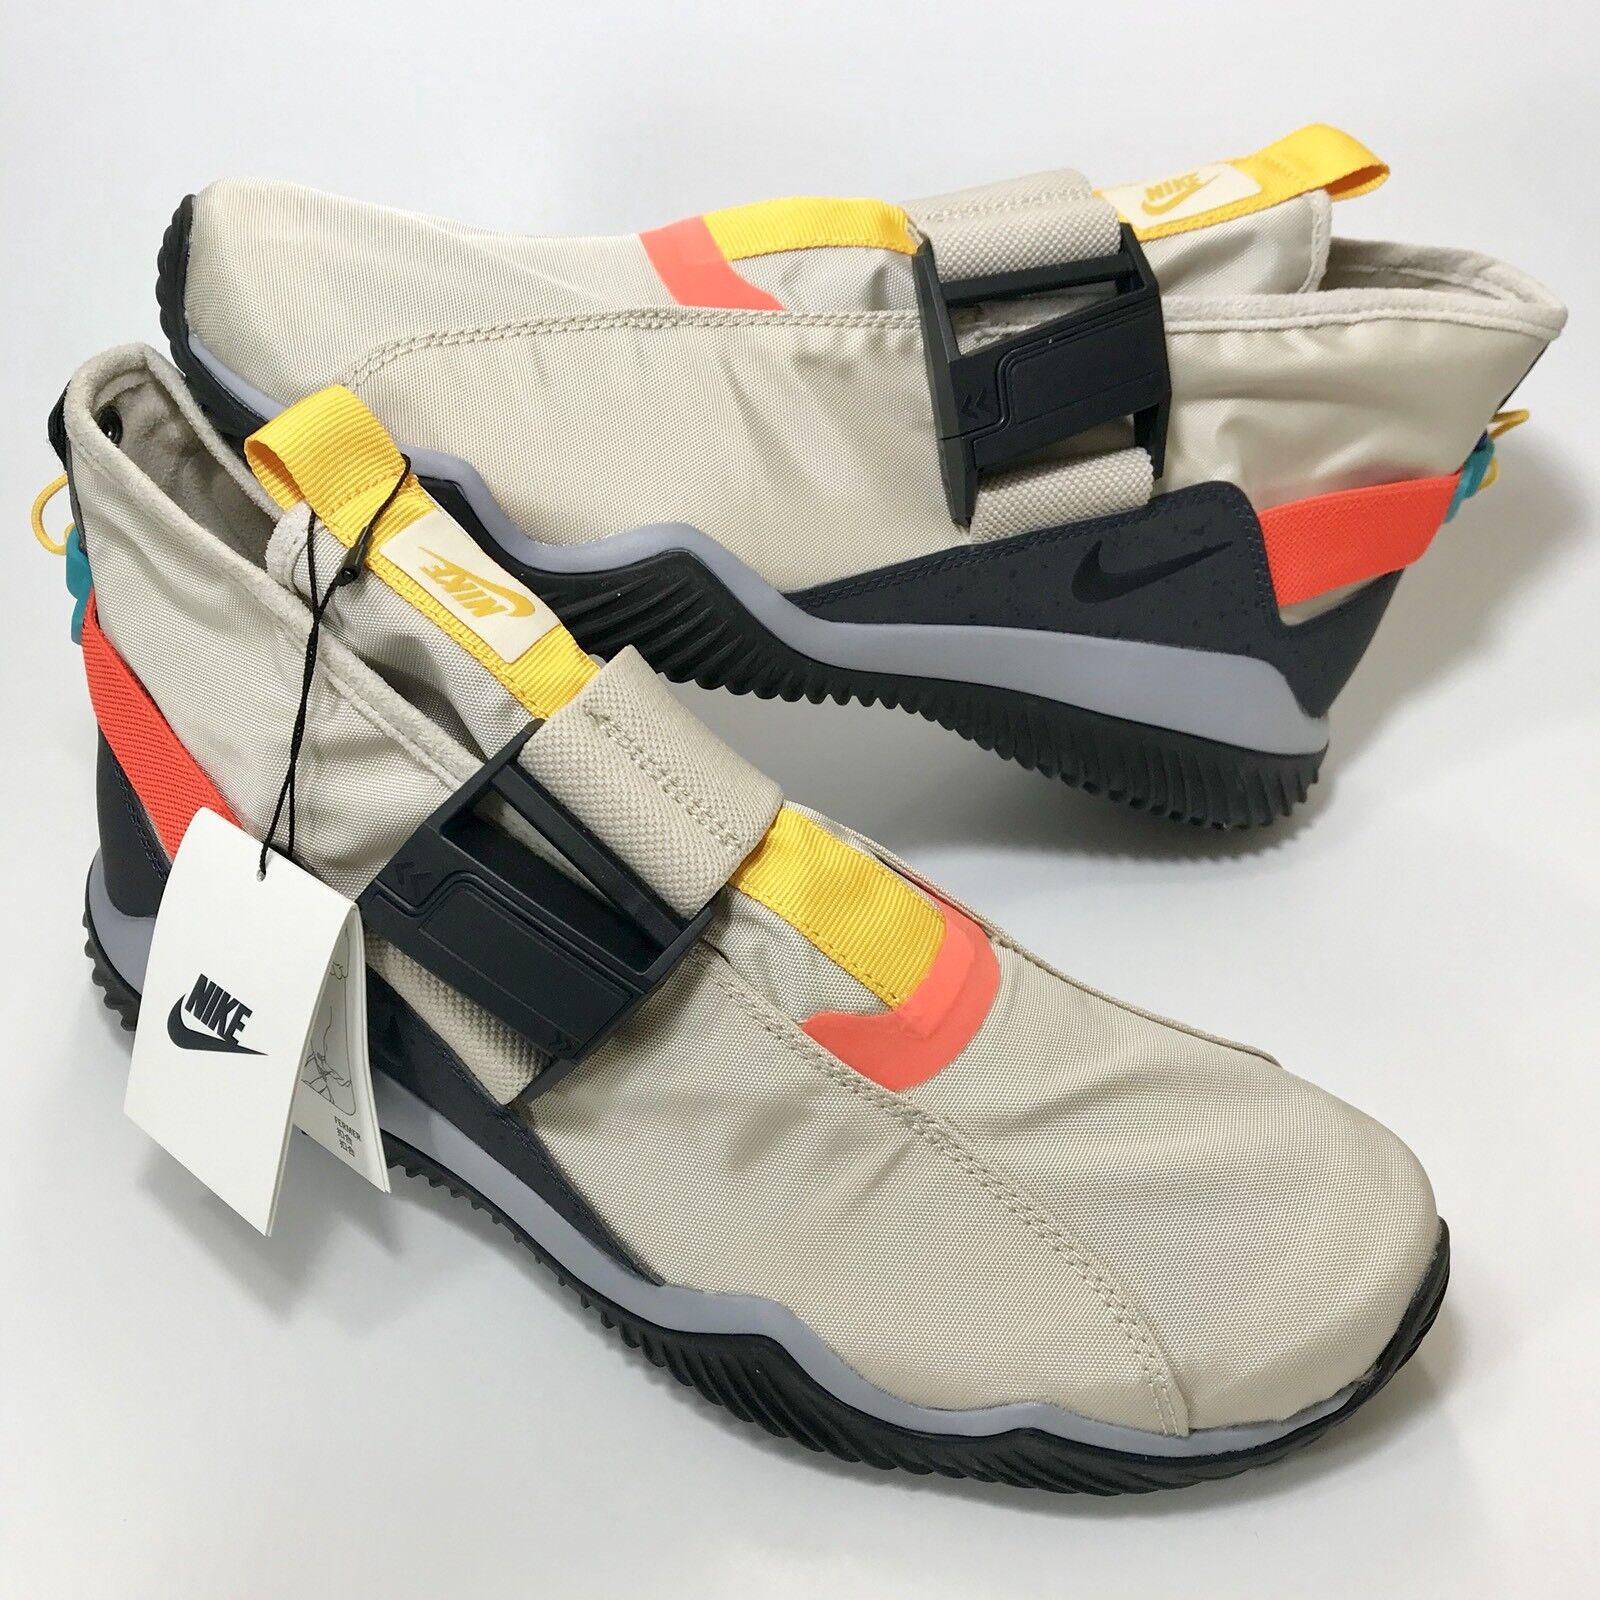 Nike Komyuter SE Shoes KMTR Birch Khaki Brown AA0531 Men's Size 11